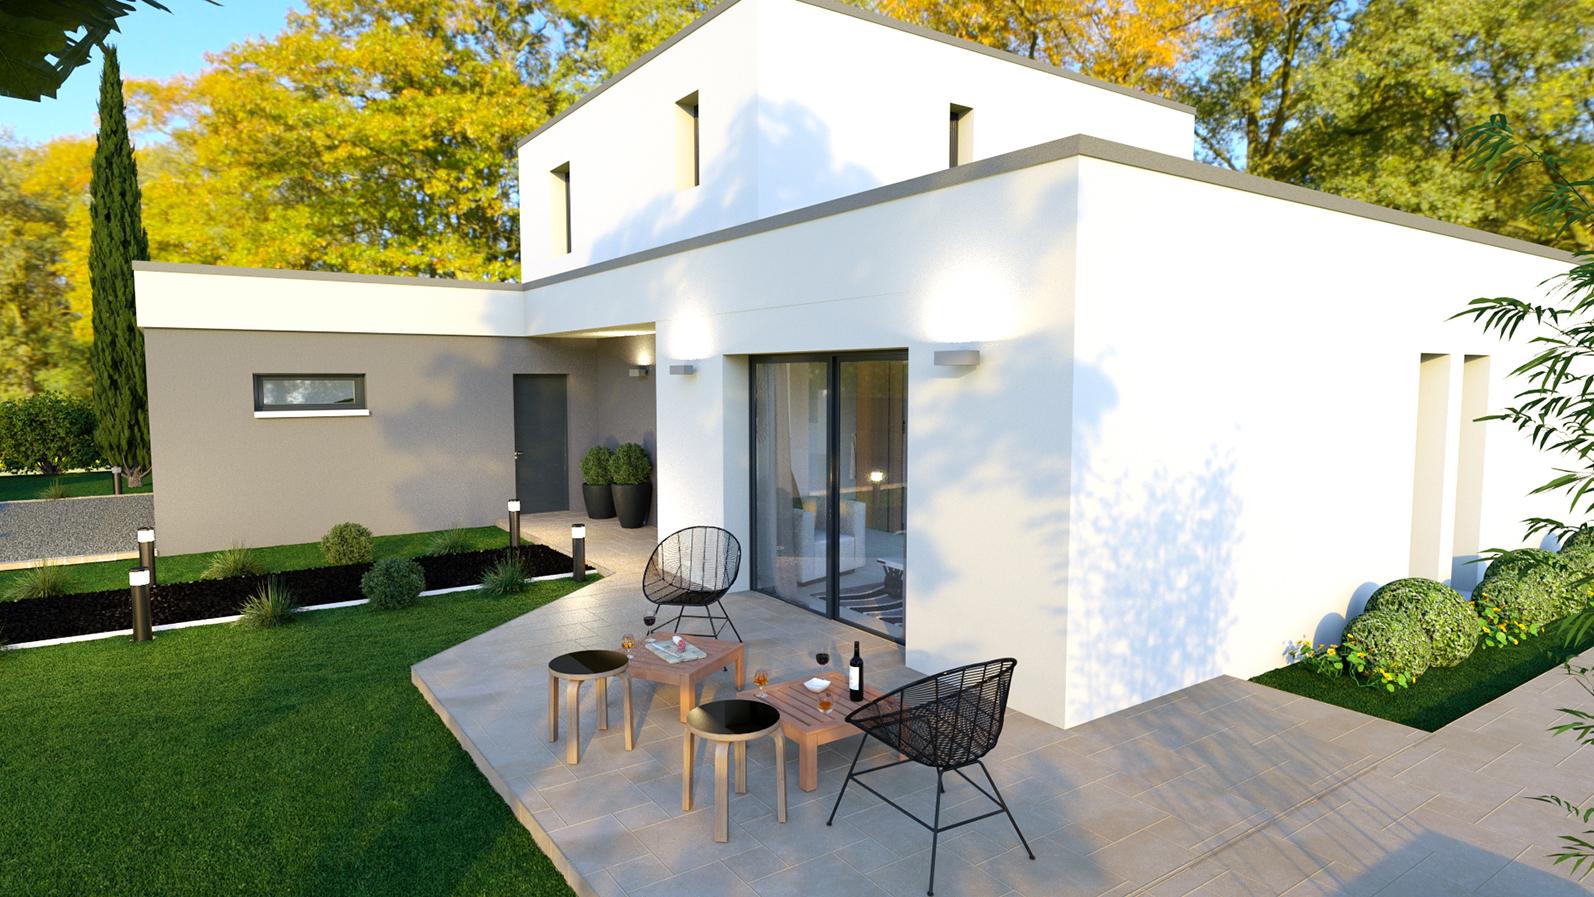 Maison Contemporaine à Toit Plat Corail Design